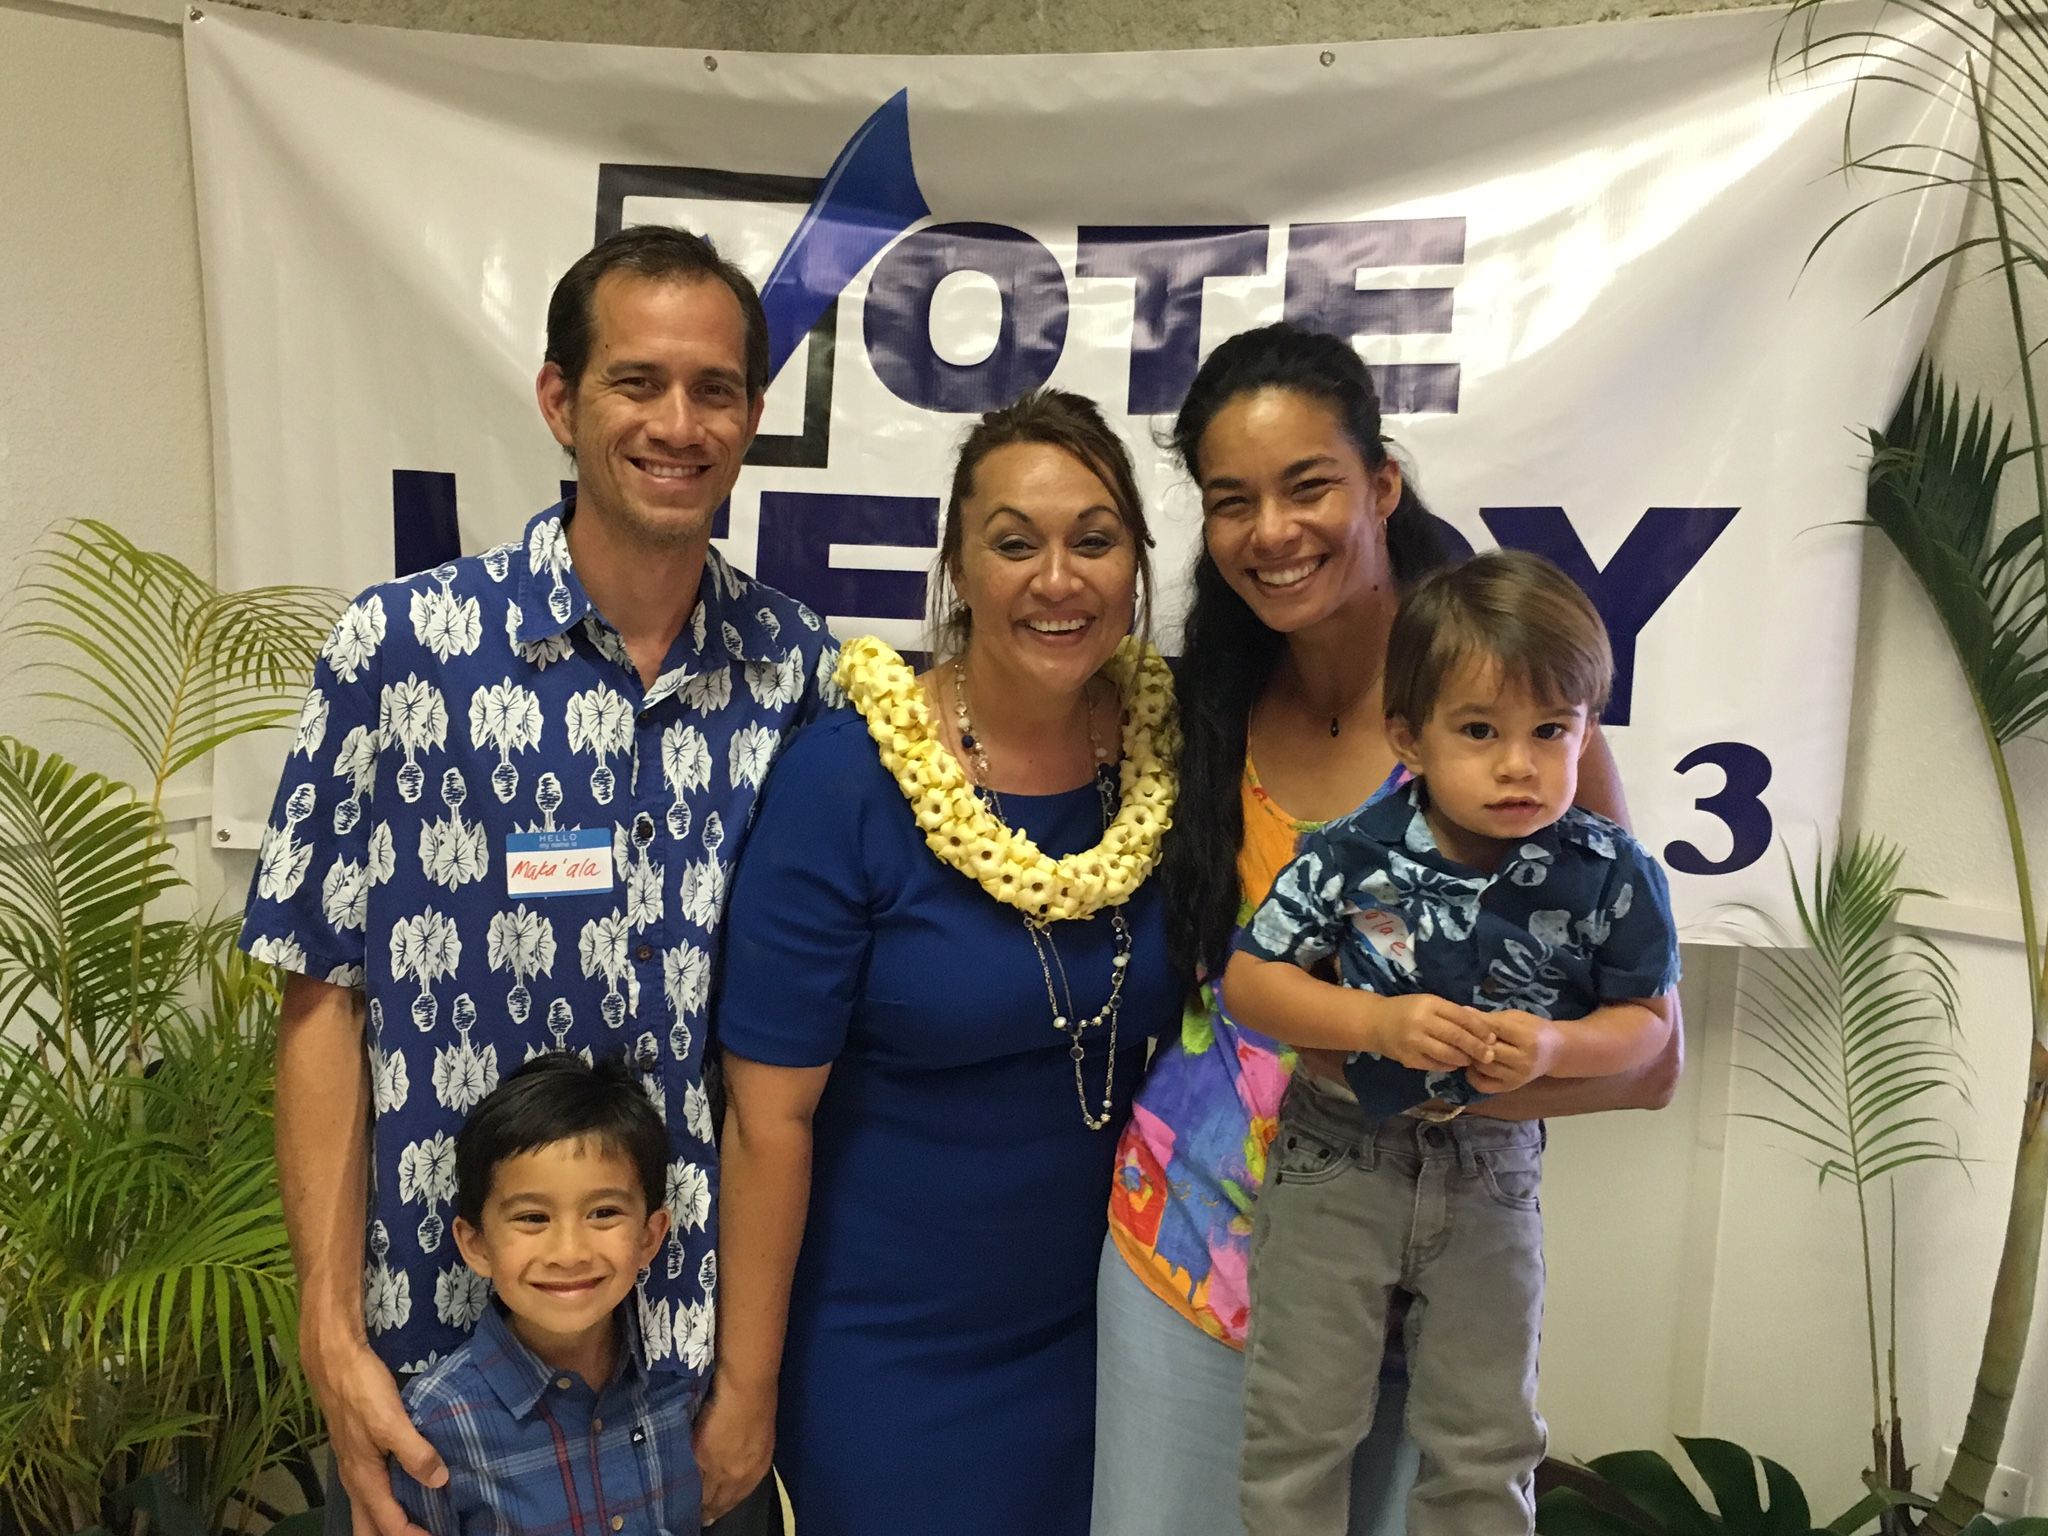 Sue with Lee Loy family members - Makaʻala Rawlins and Justine Kamelamela and their keiki Kaikapu and Malaʻe.